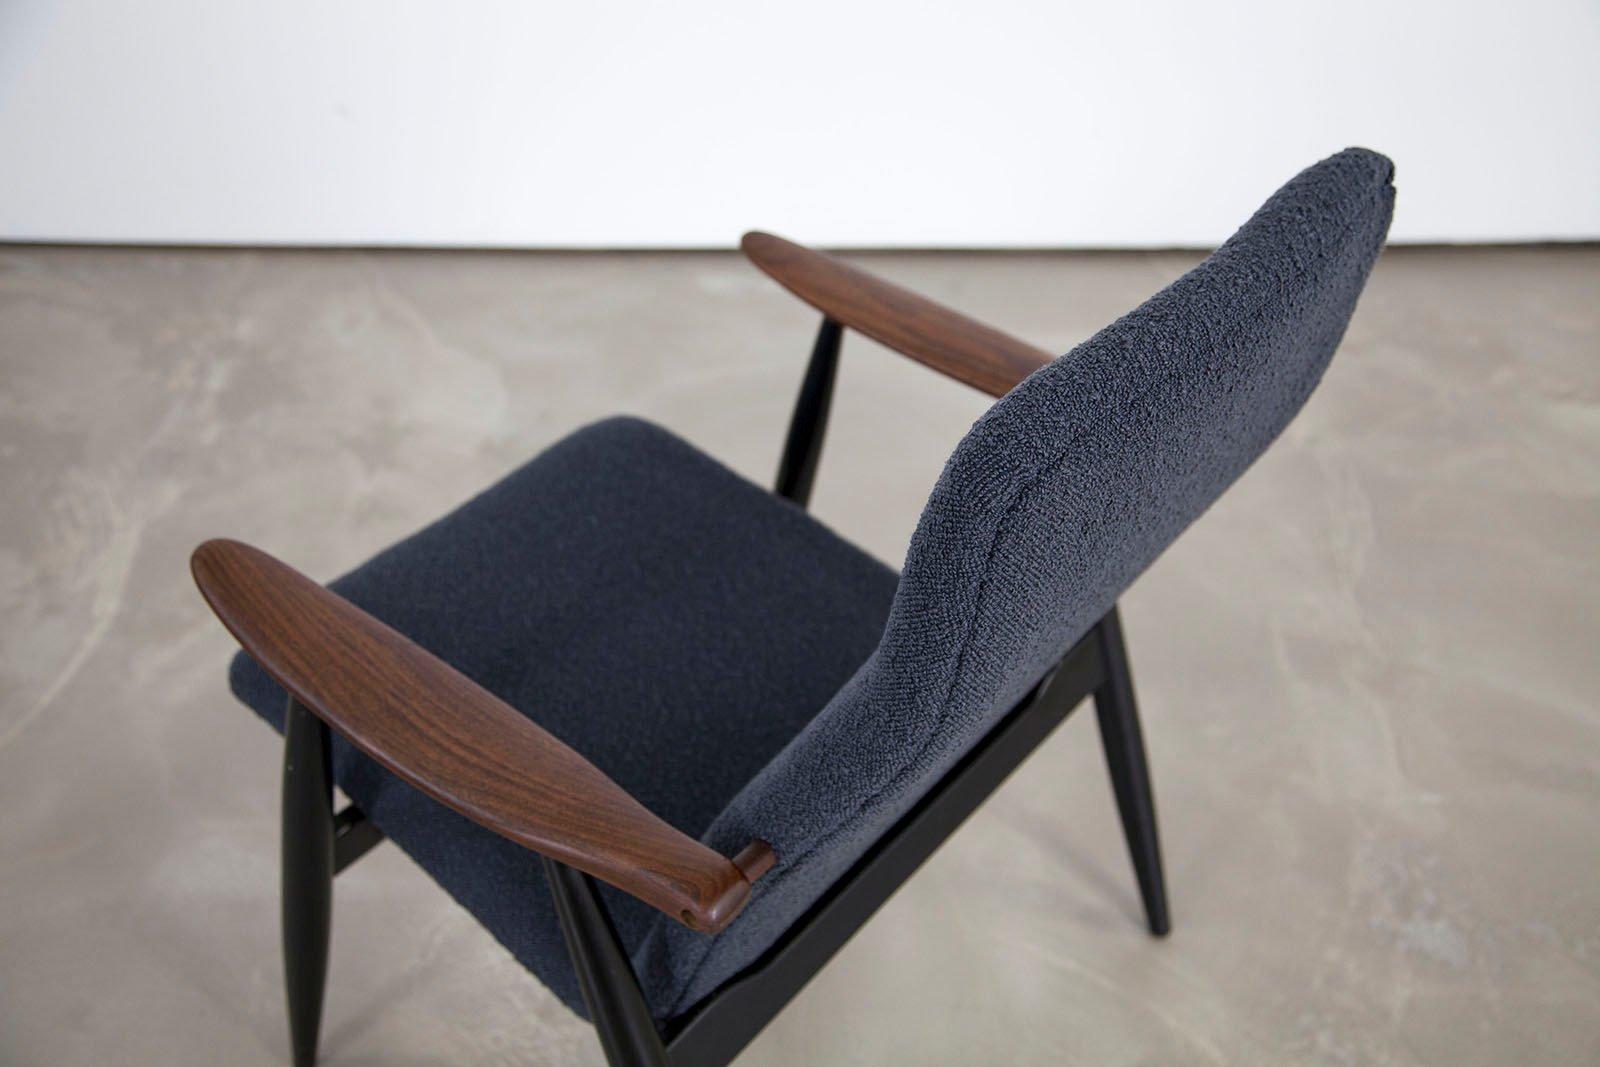 skandinavischer vintage teak sessel von olli borg f r asko bei pamono kaufen. Black Bedroom Furniture Sets. Home Design Ideas